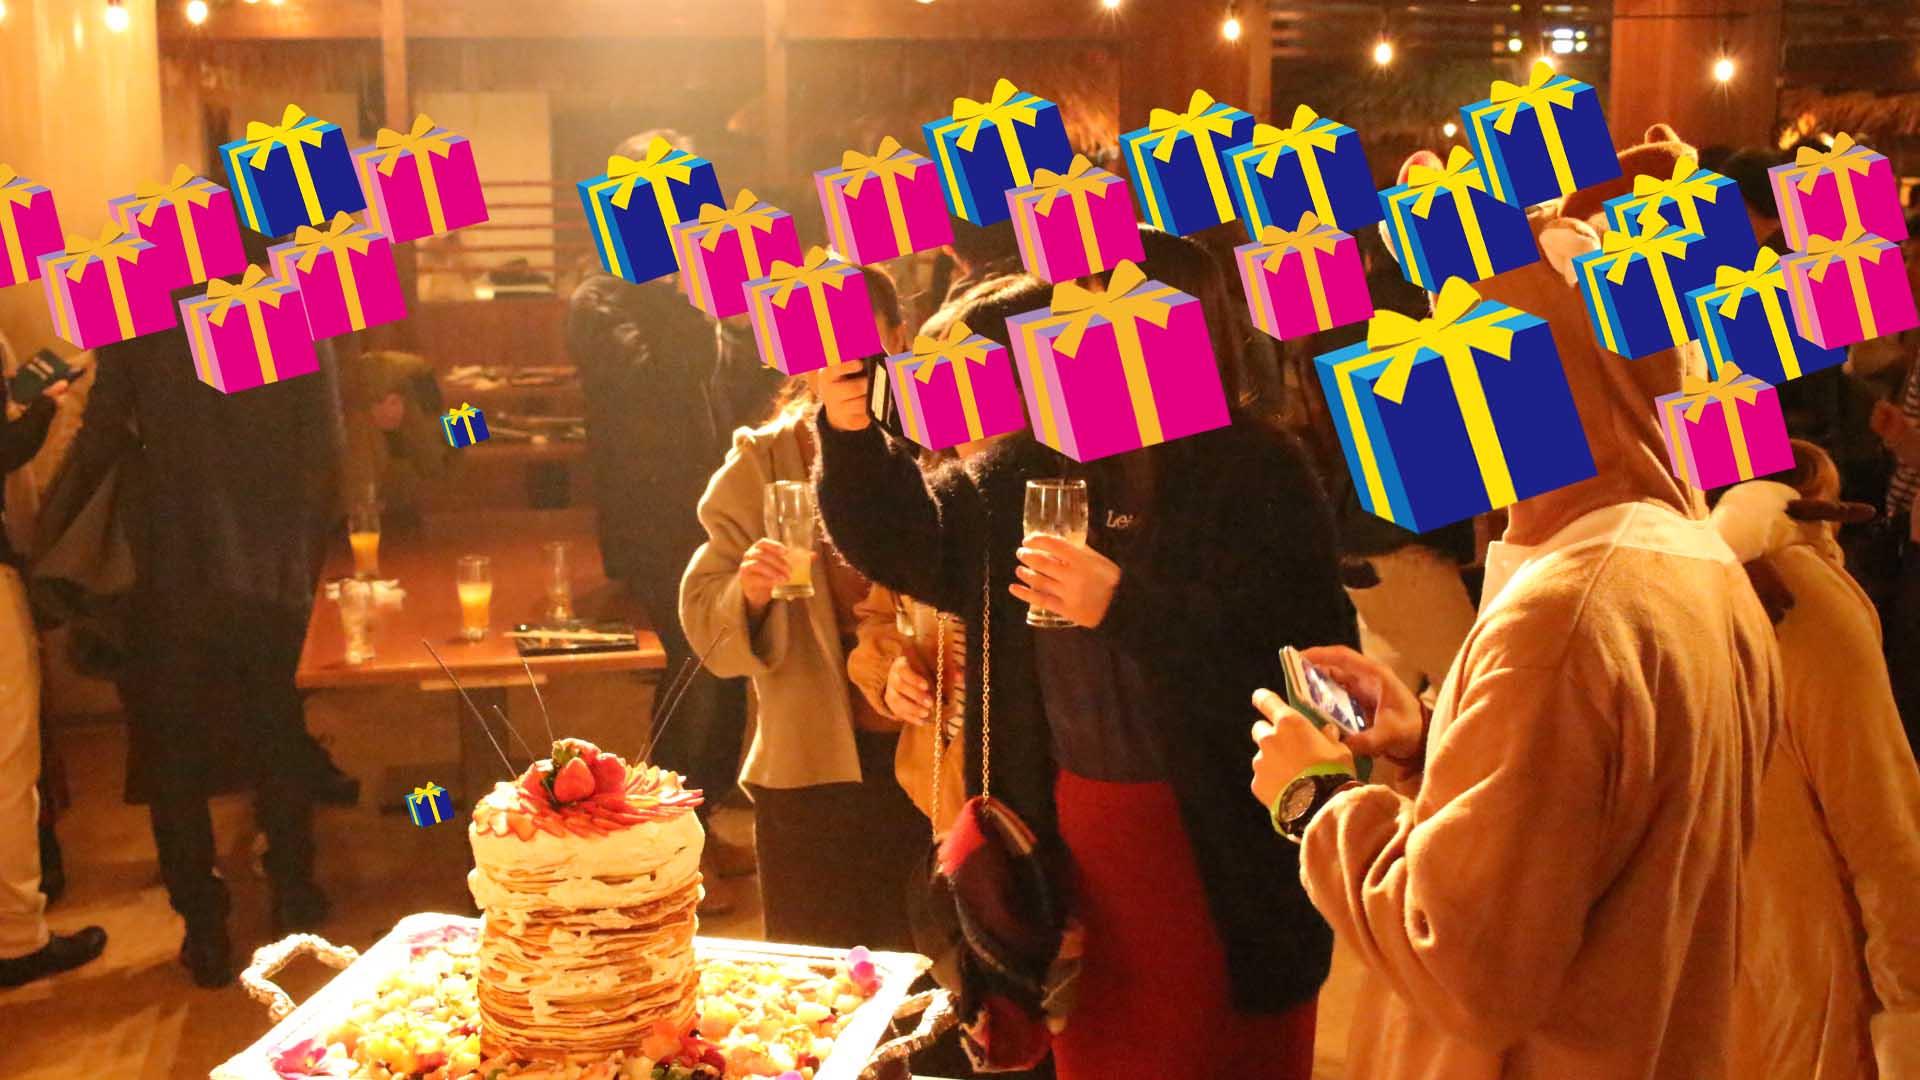 恋活友活クリスマスパーティー~北陸最大級の出会いパーティー イベントシェア株式会社 石川県 富山県 福井県